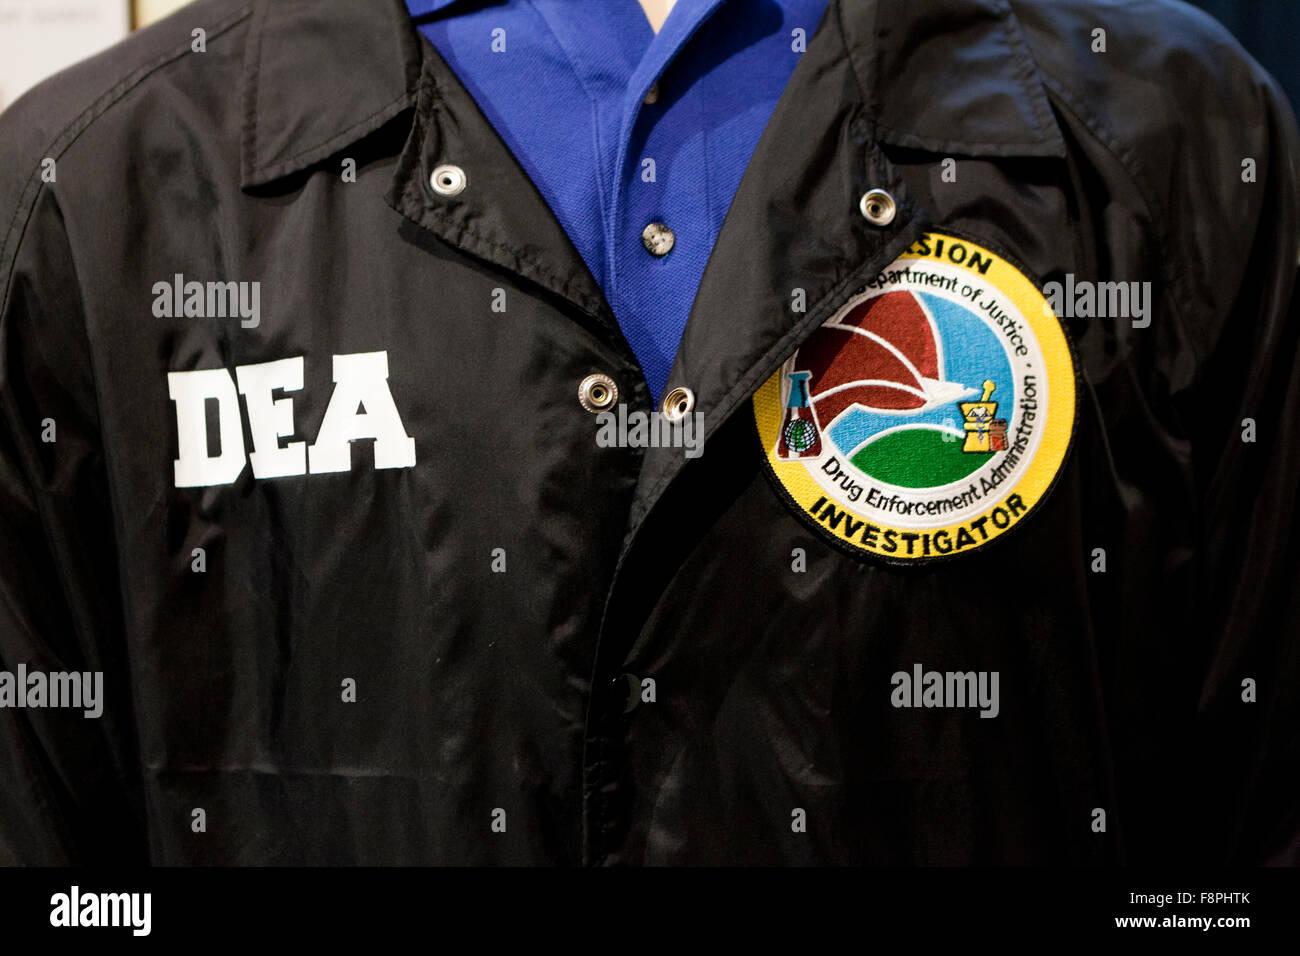 La Drug Enforcement Agency (DEA) identificazione giacca - USA Immagini Stock